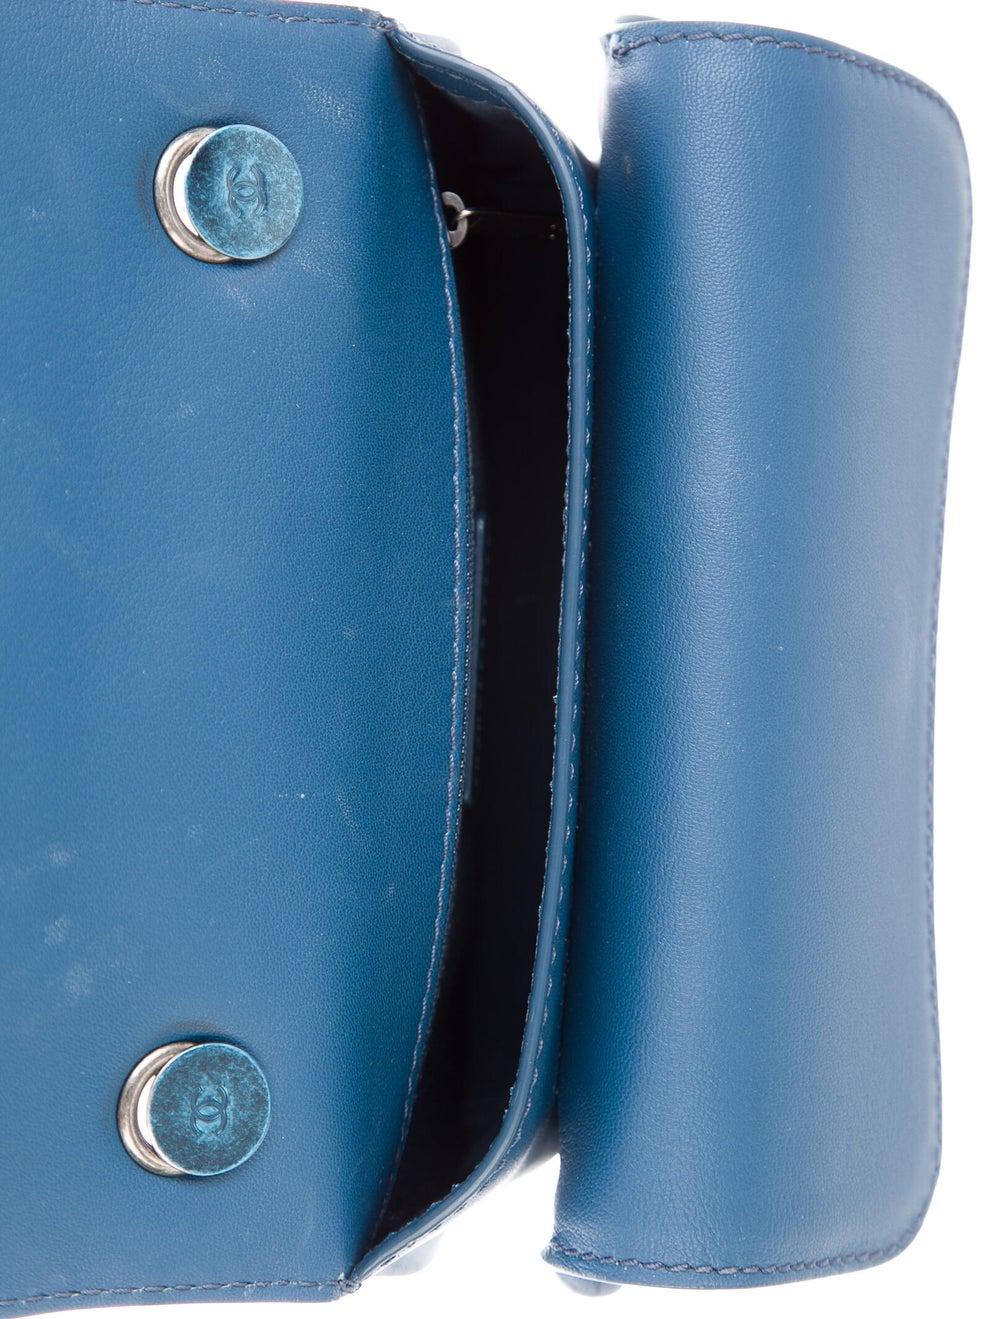 Chanel Flap Messenger Bag Blue - image 5